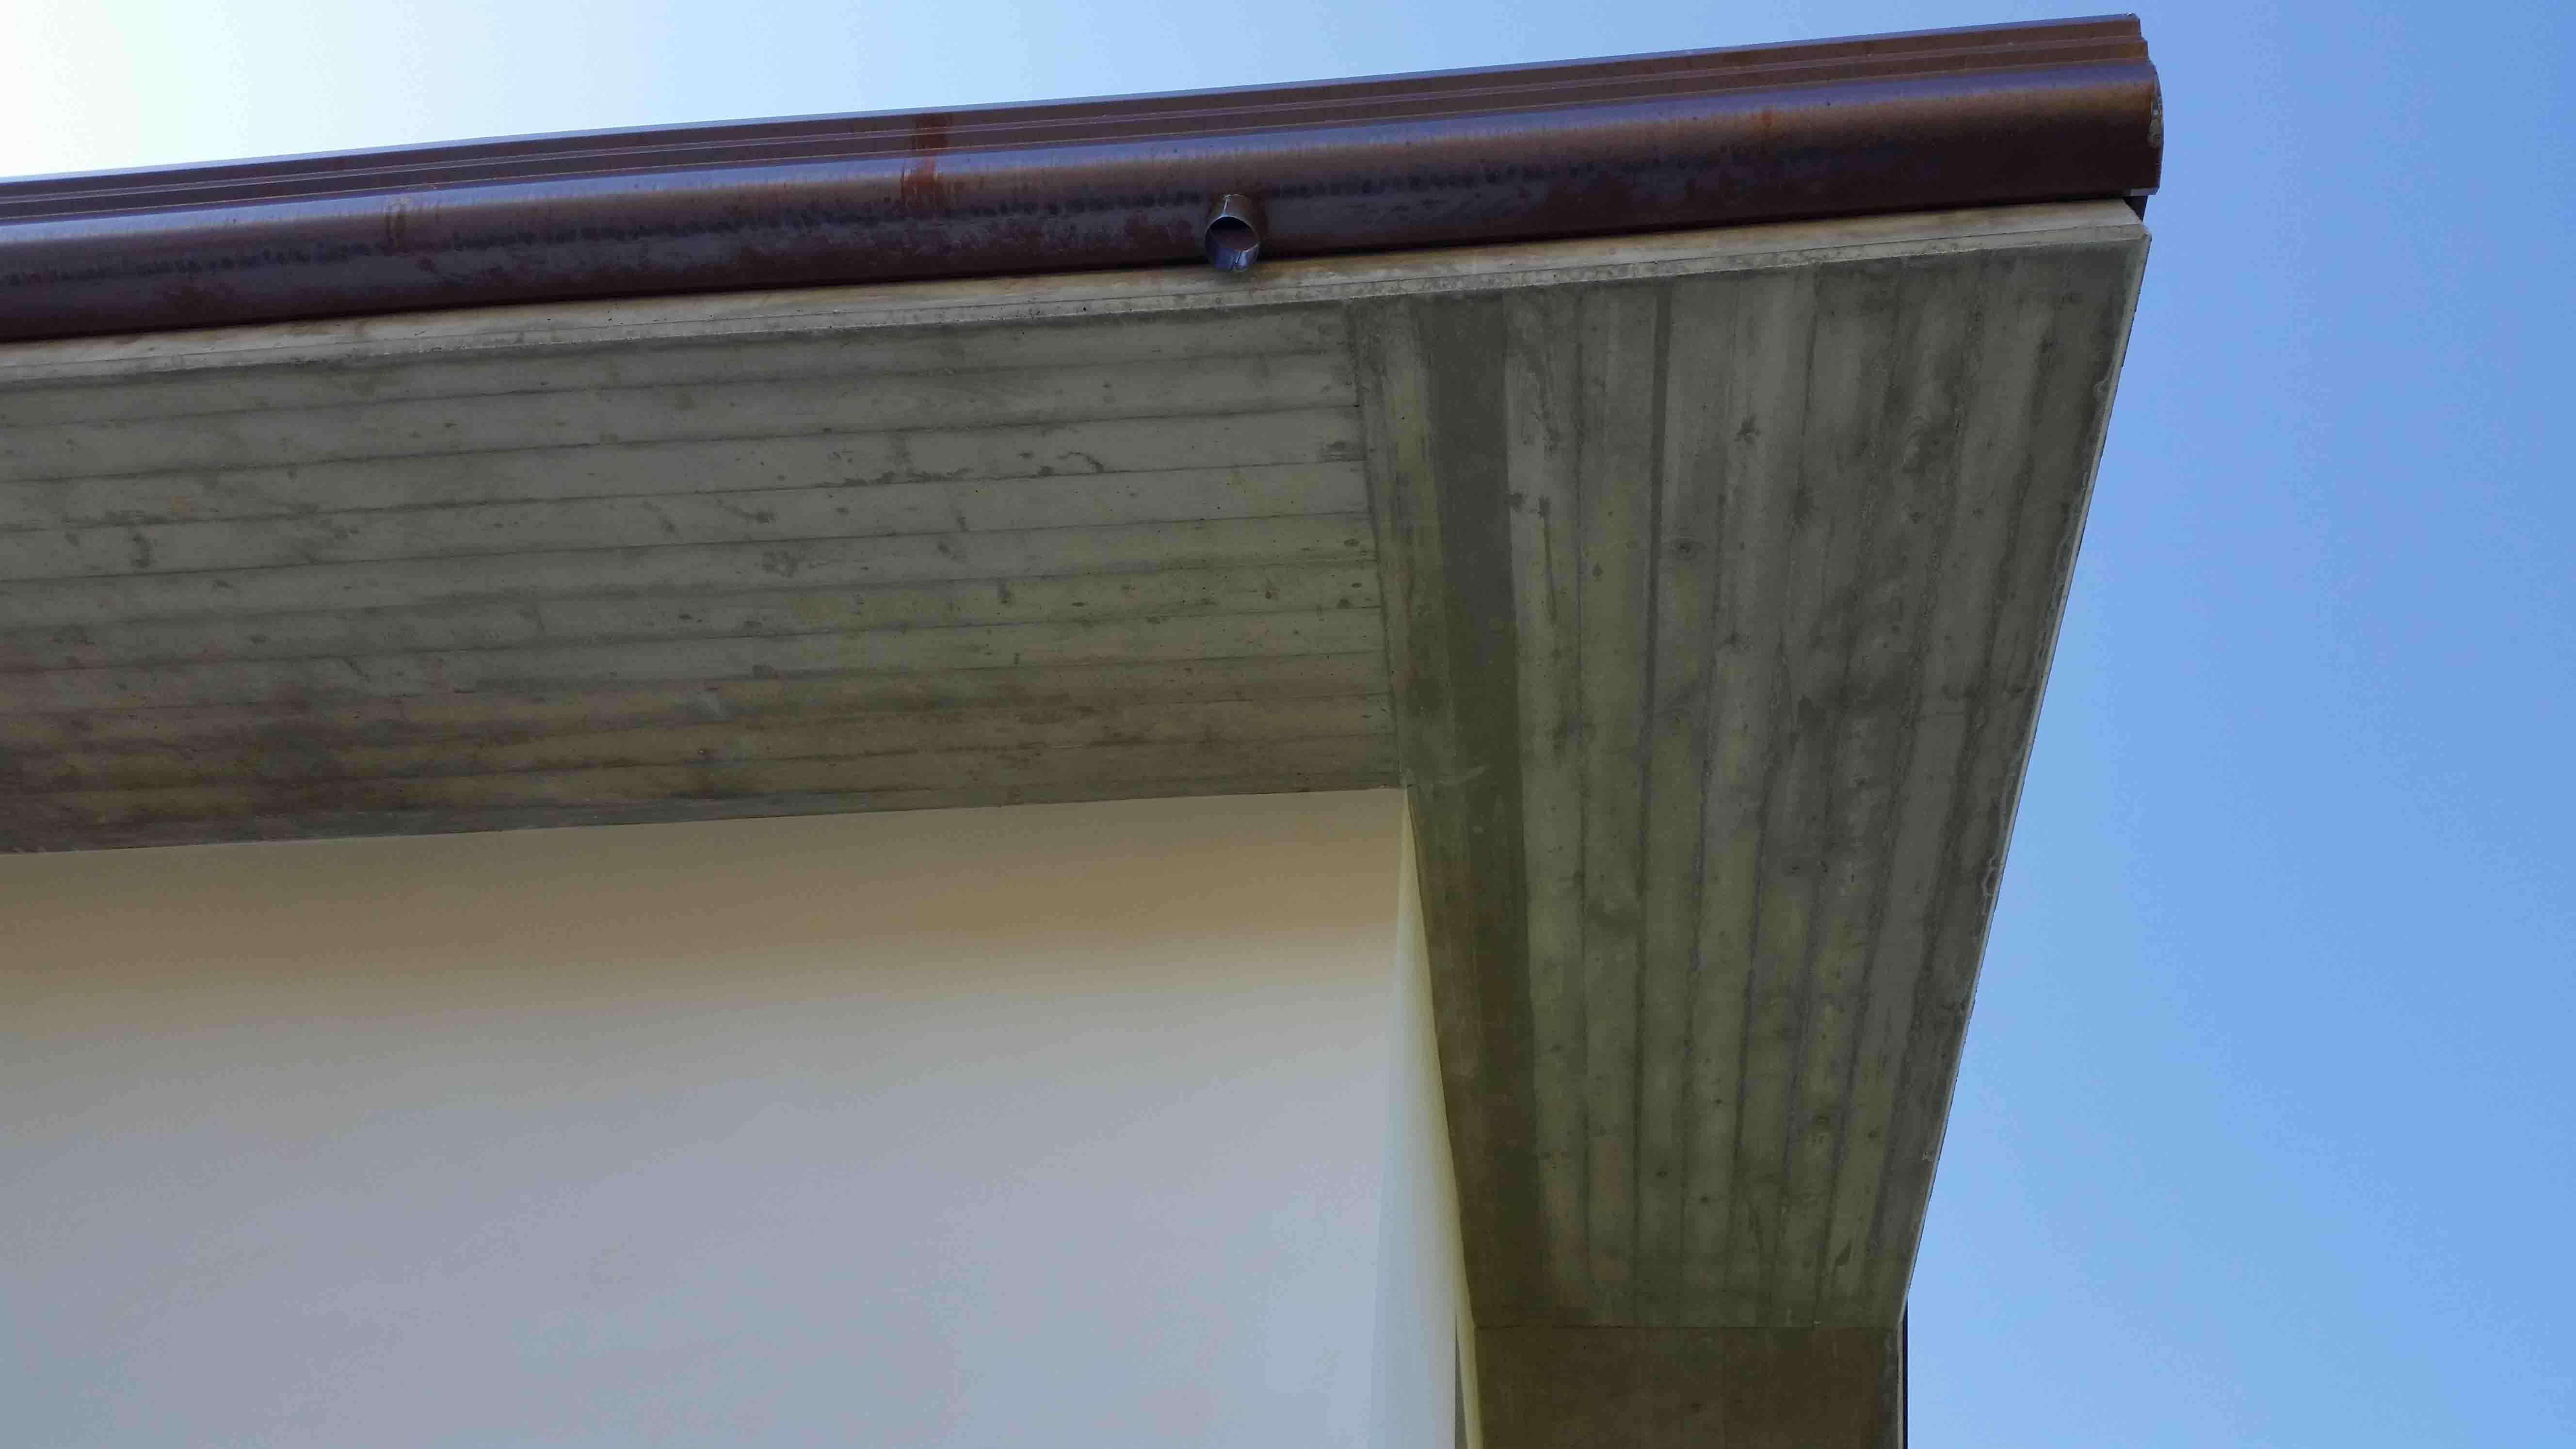 costruzione-nuovo-fabbricato-dettaglio-grondaia